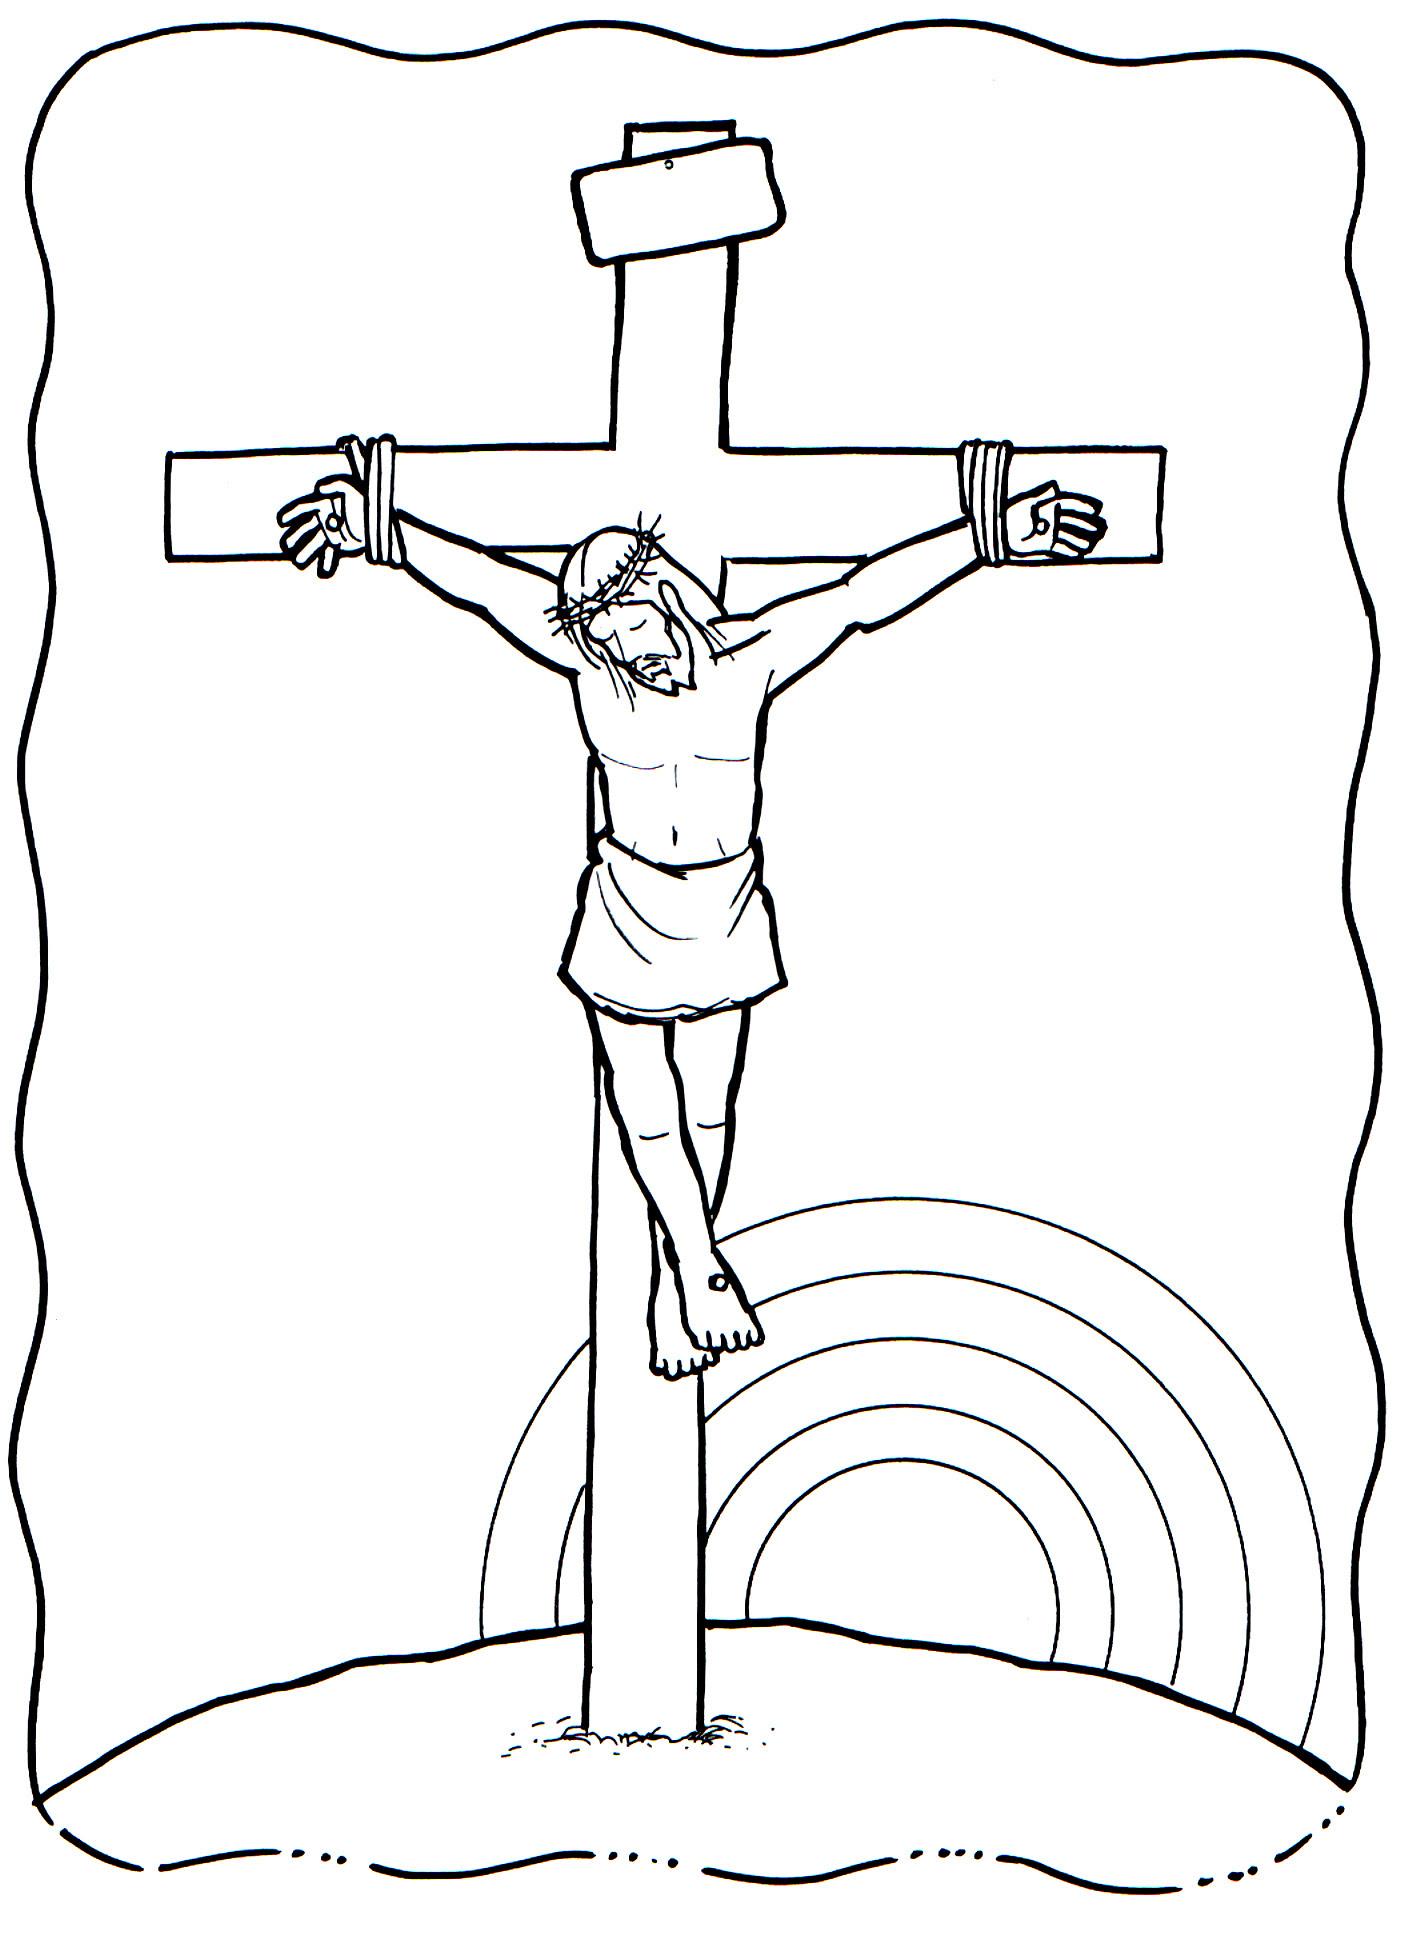 Viernes Santo Dibujos Para Colorear Imagesacolorierwebsite